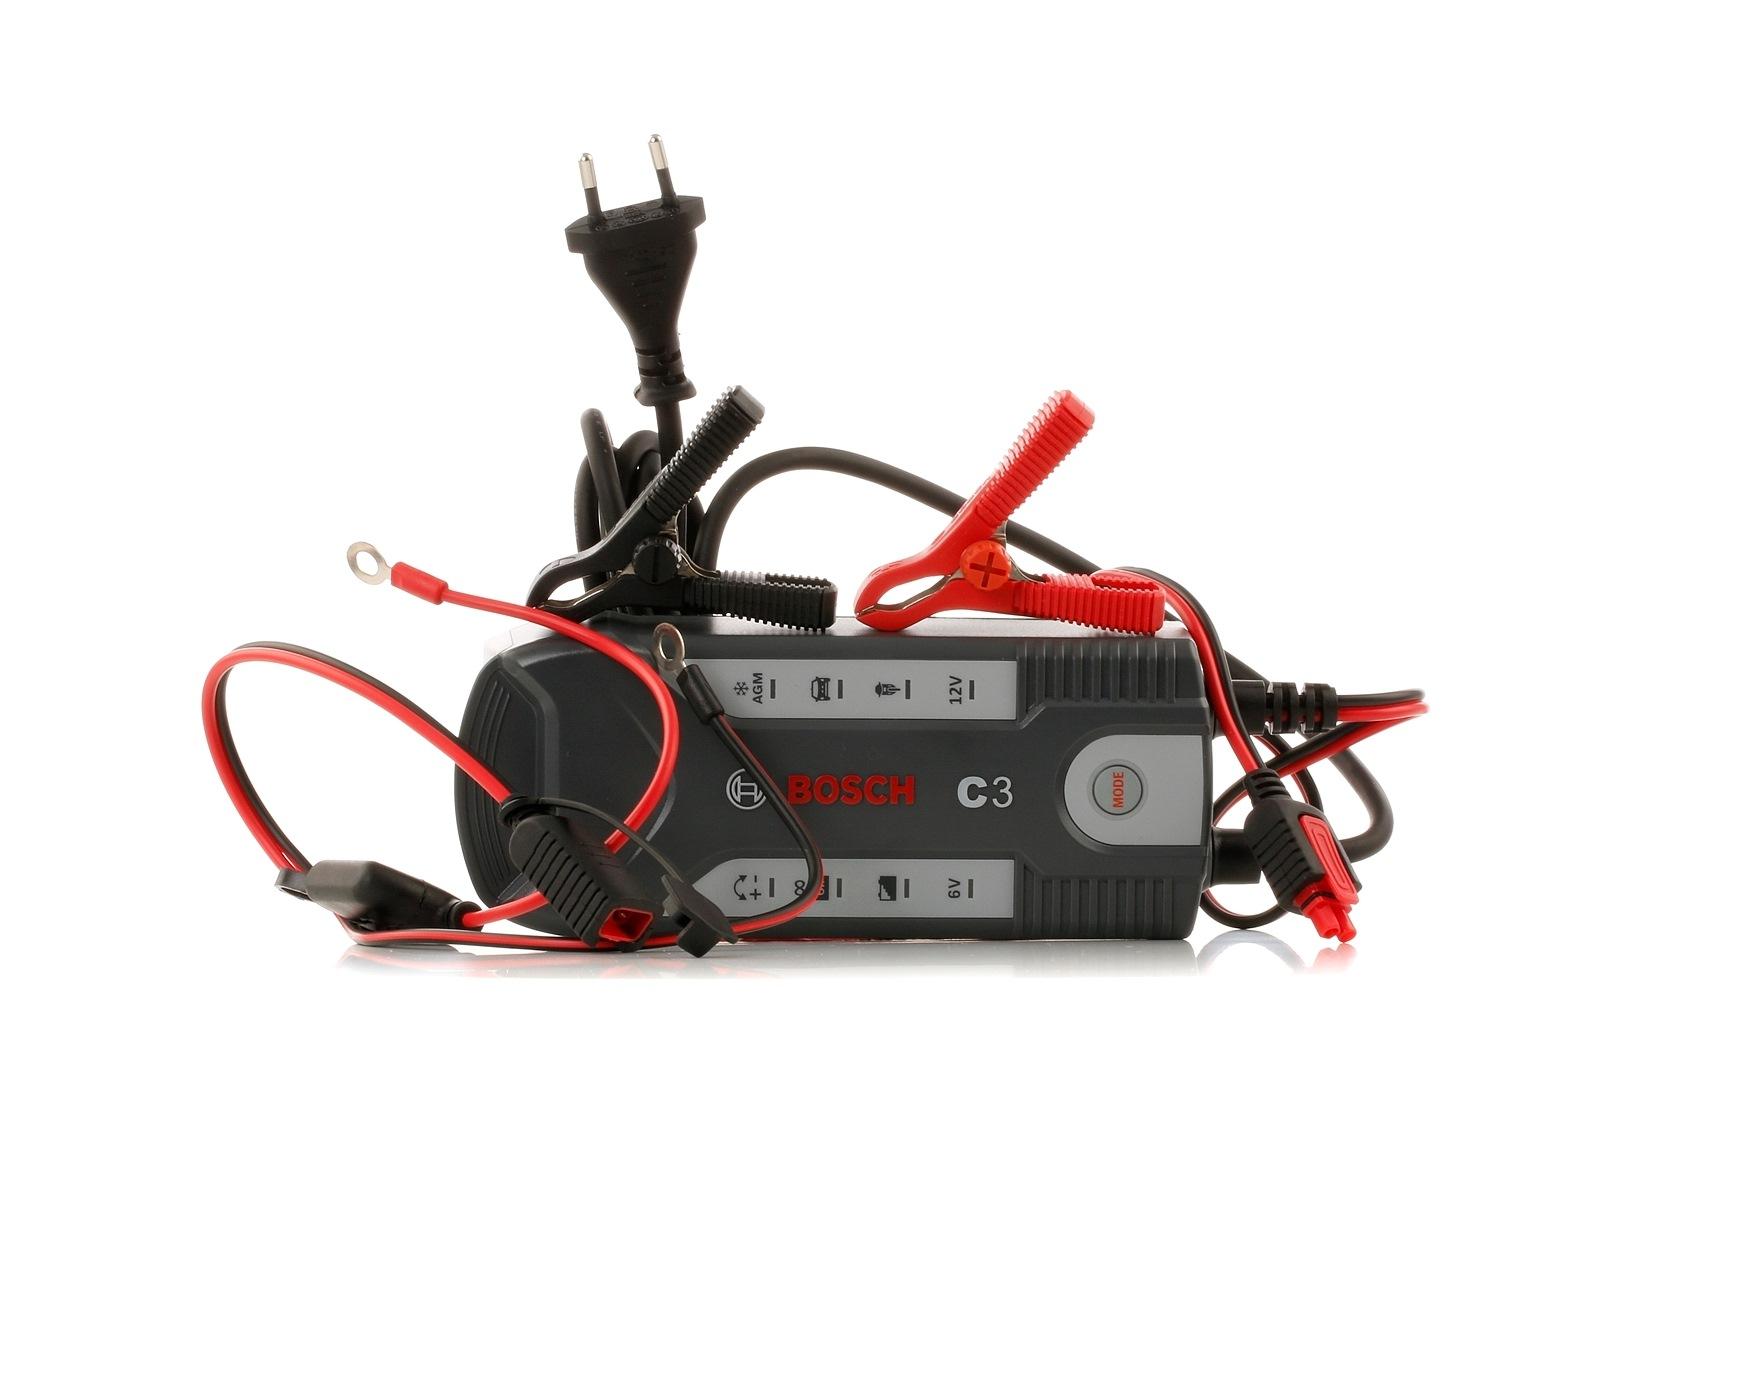 Caricabatterie BOSCH 0 189 999 03M valutazione